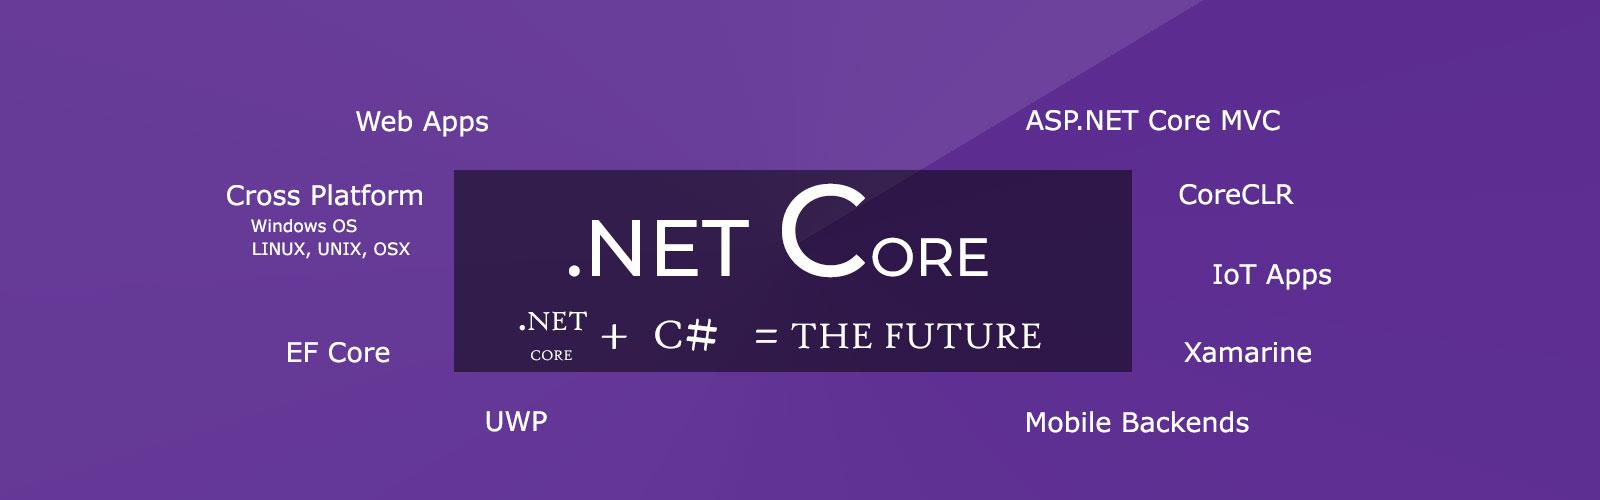 ASP.NET Core Development Company